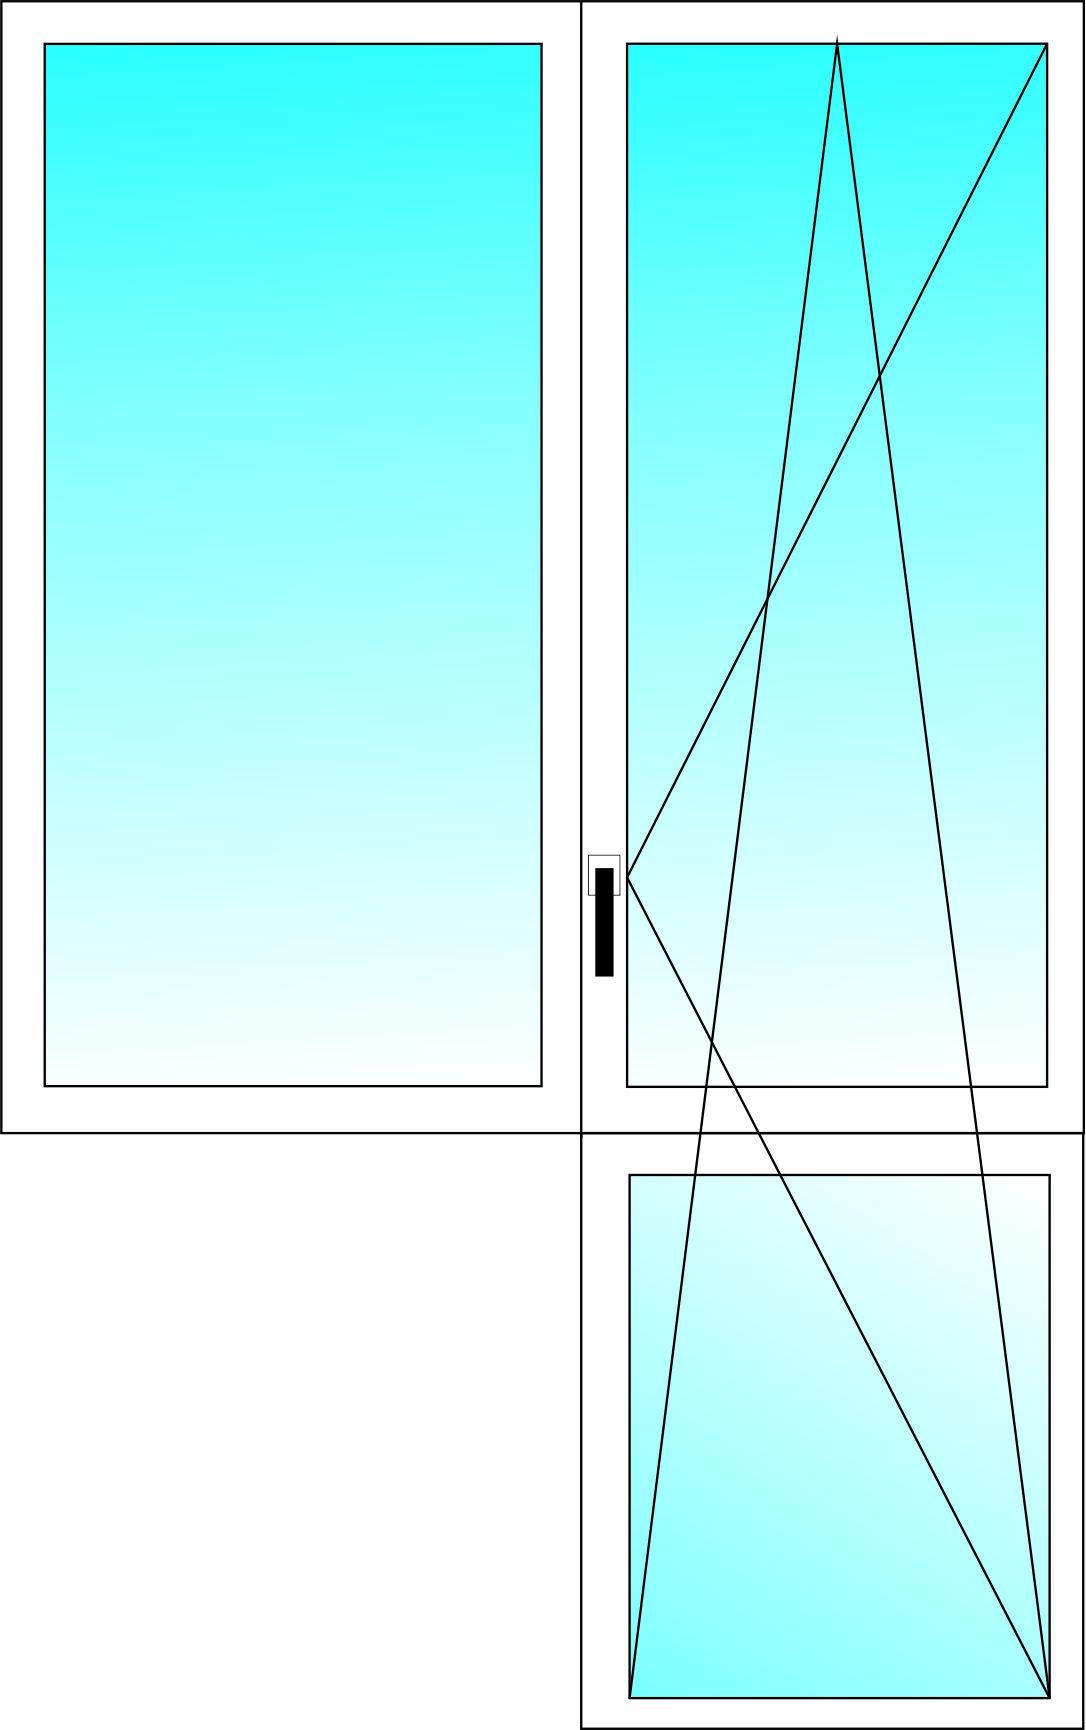 Балконный блок PLAFEN 5-ти камерный профиль с однокамерным стеклопакетом 1400х1400, 2200/700 мм